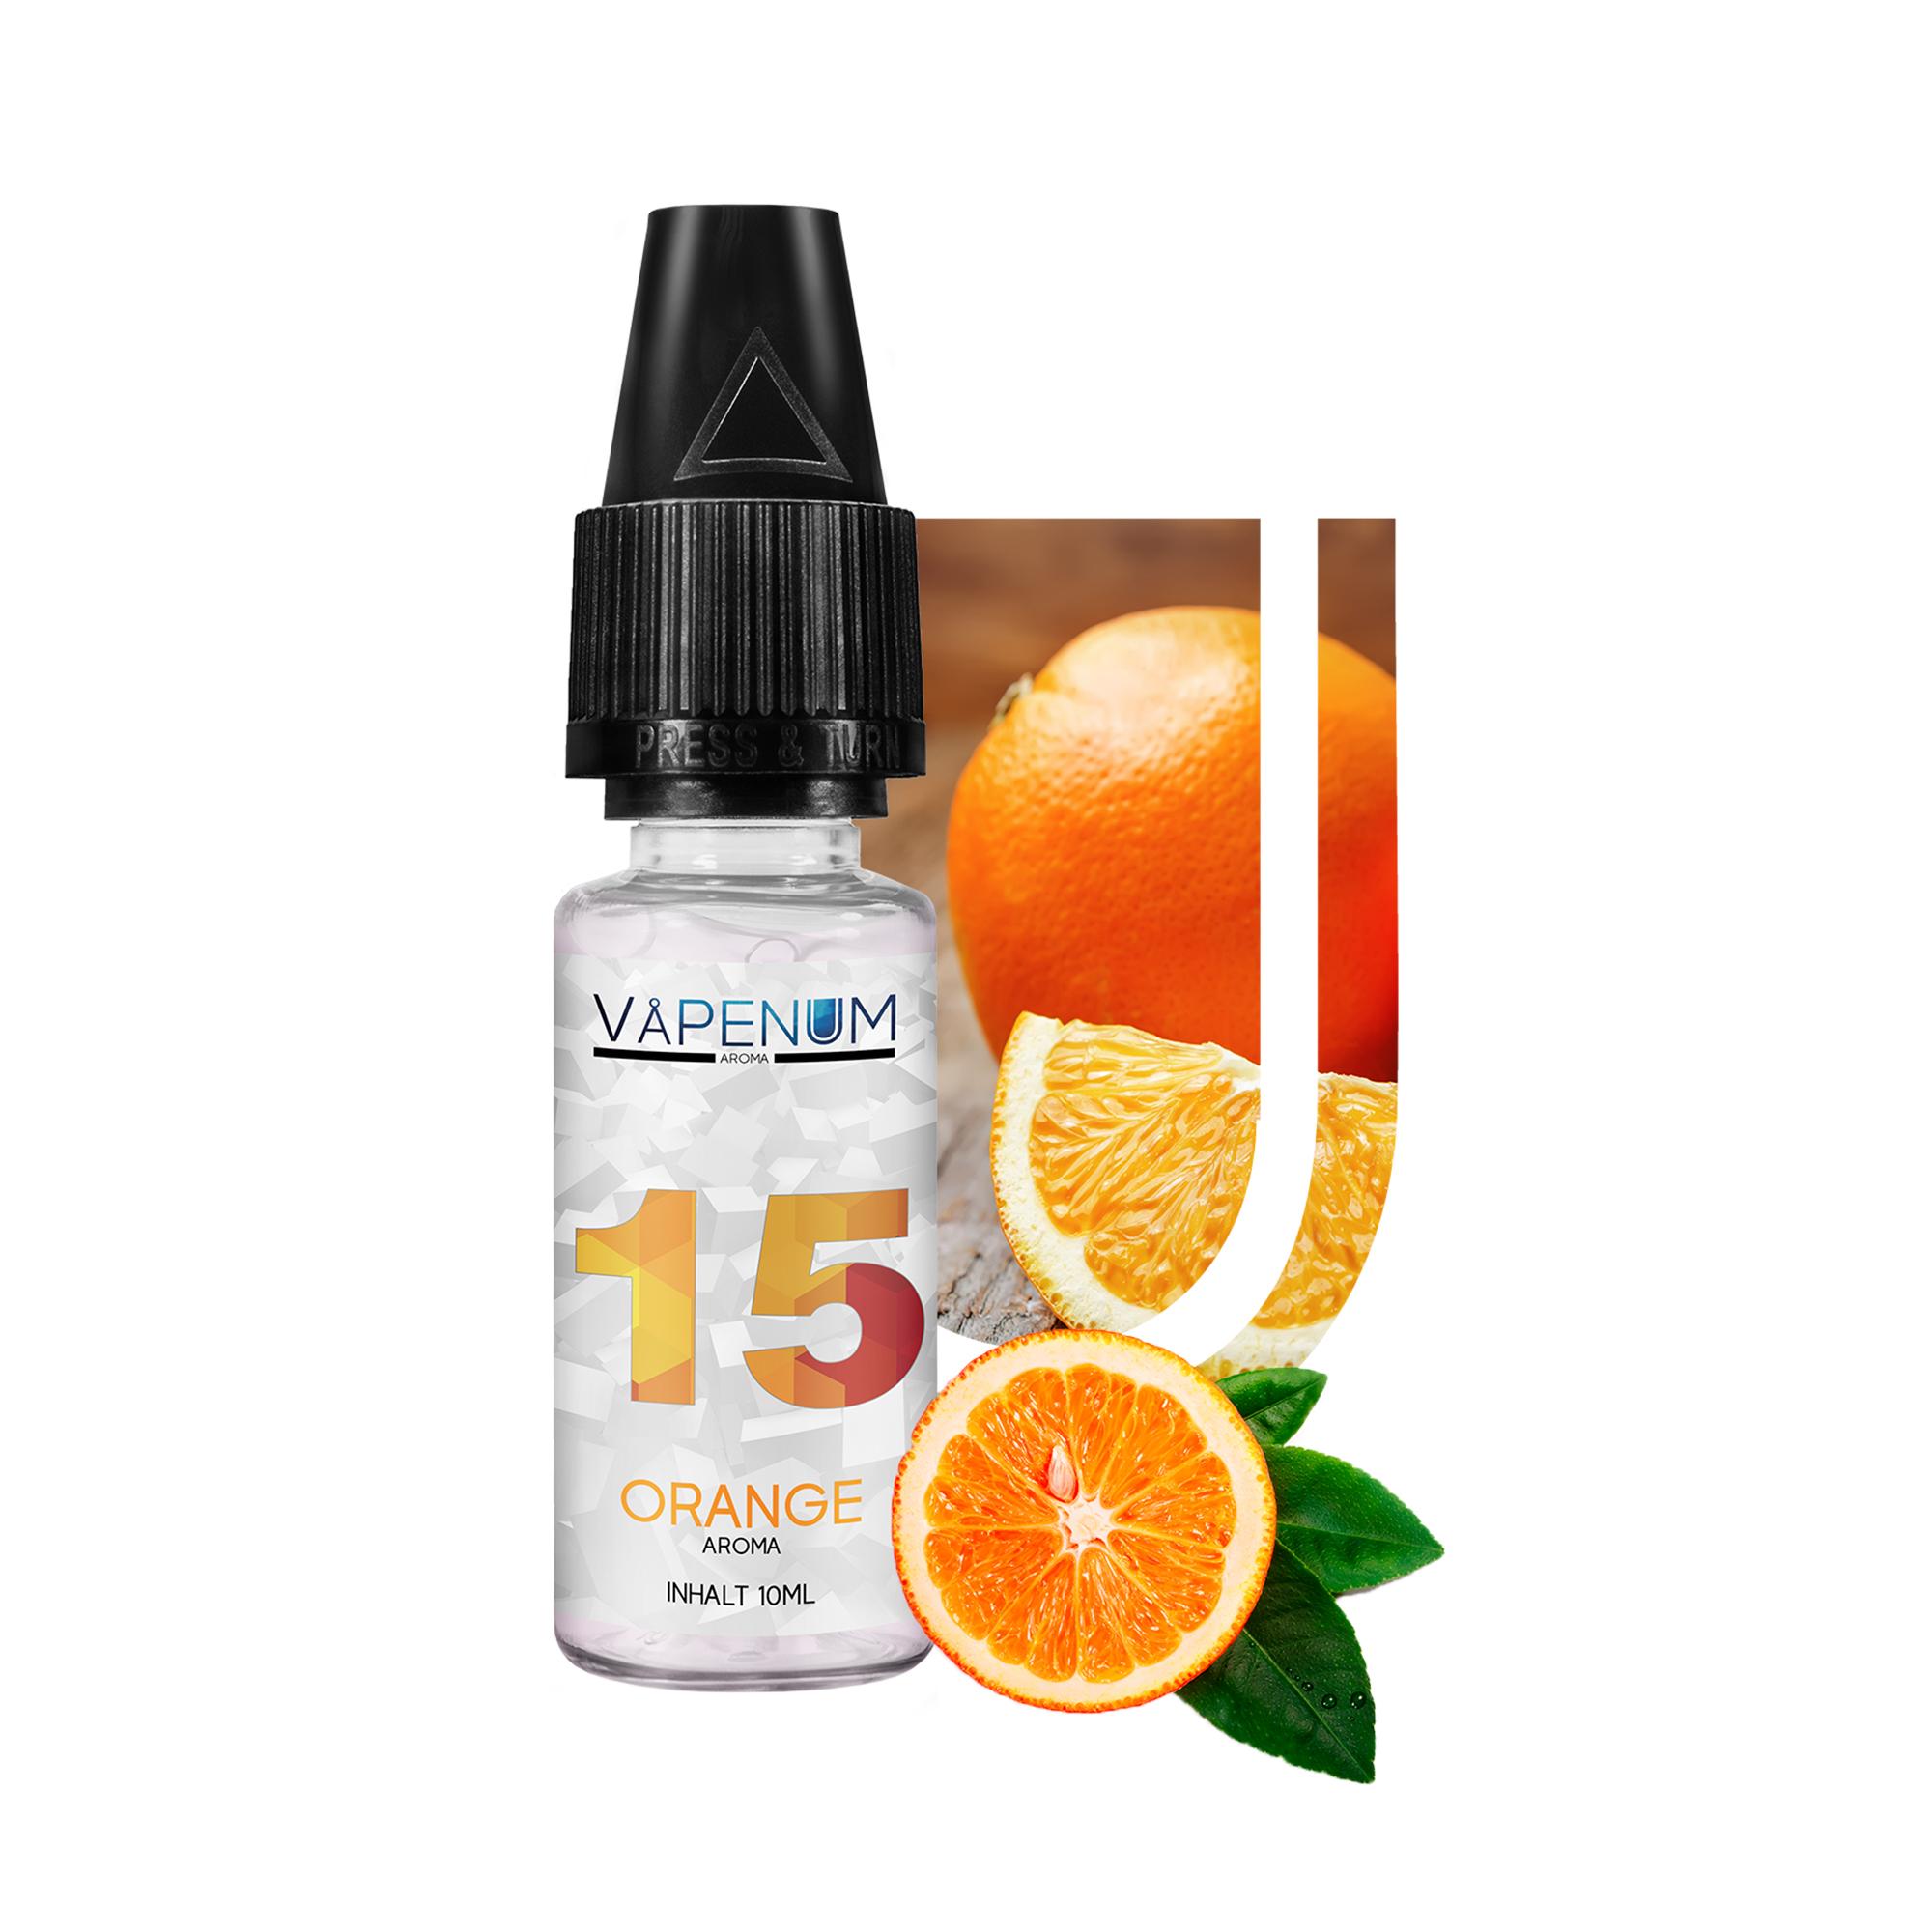 15 - Orange Aroma by Vapenum